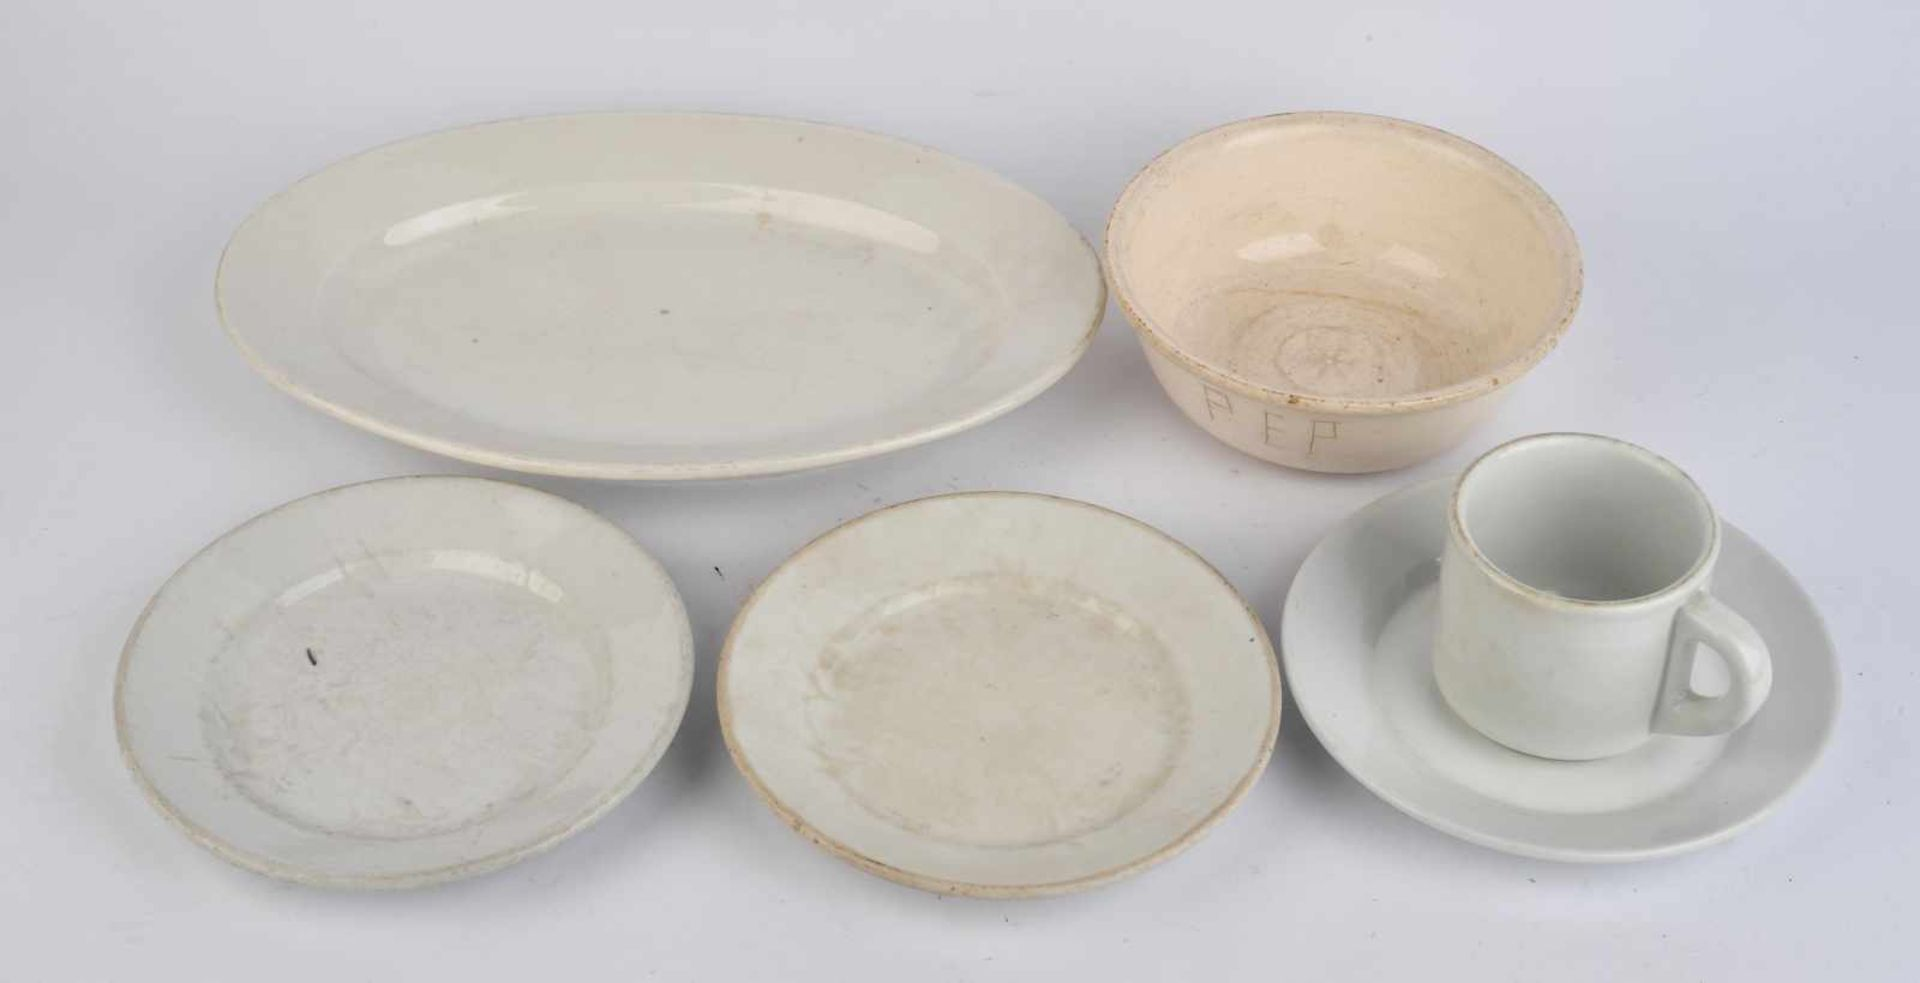 Ensemble de vaisselle de la Heer comprenant un plat oval de fabrication Tielsch Altwasser 1941,